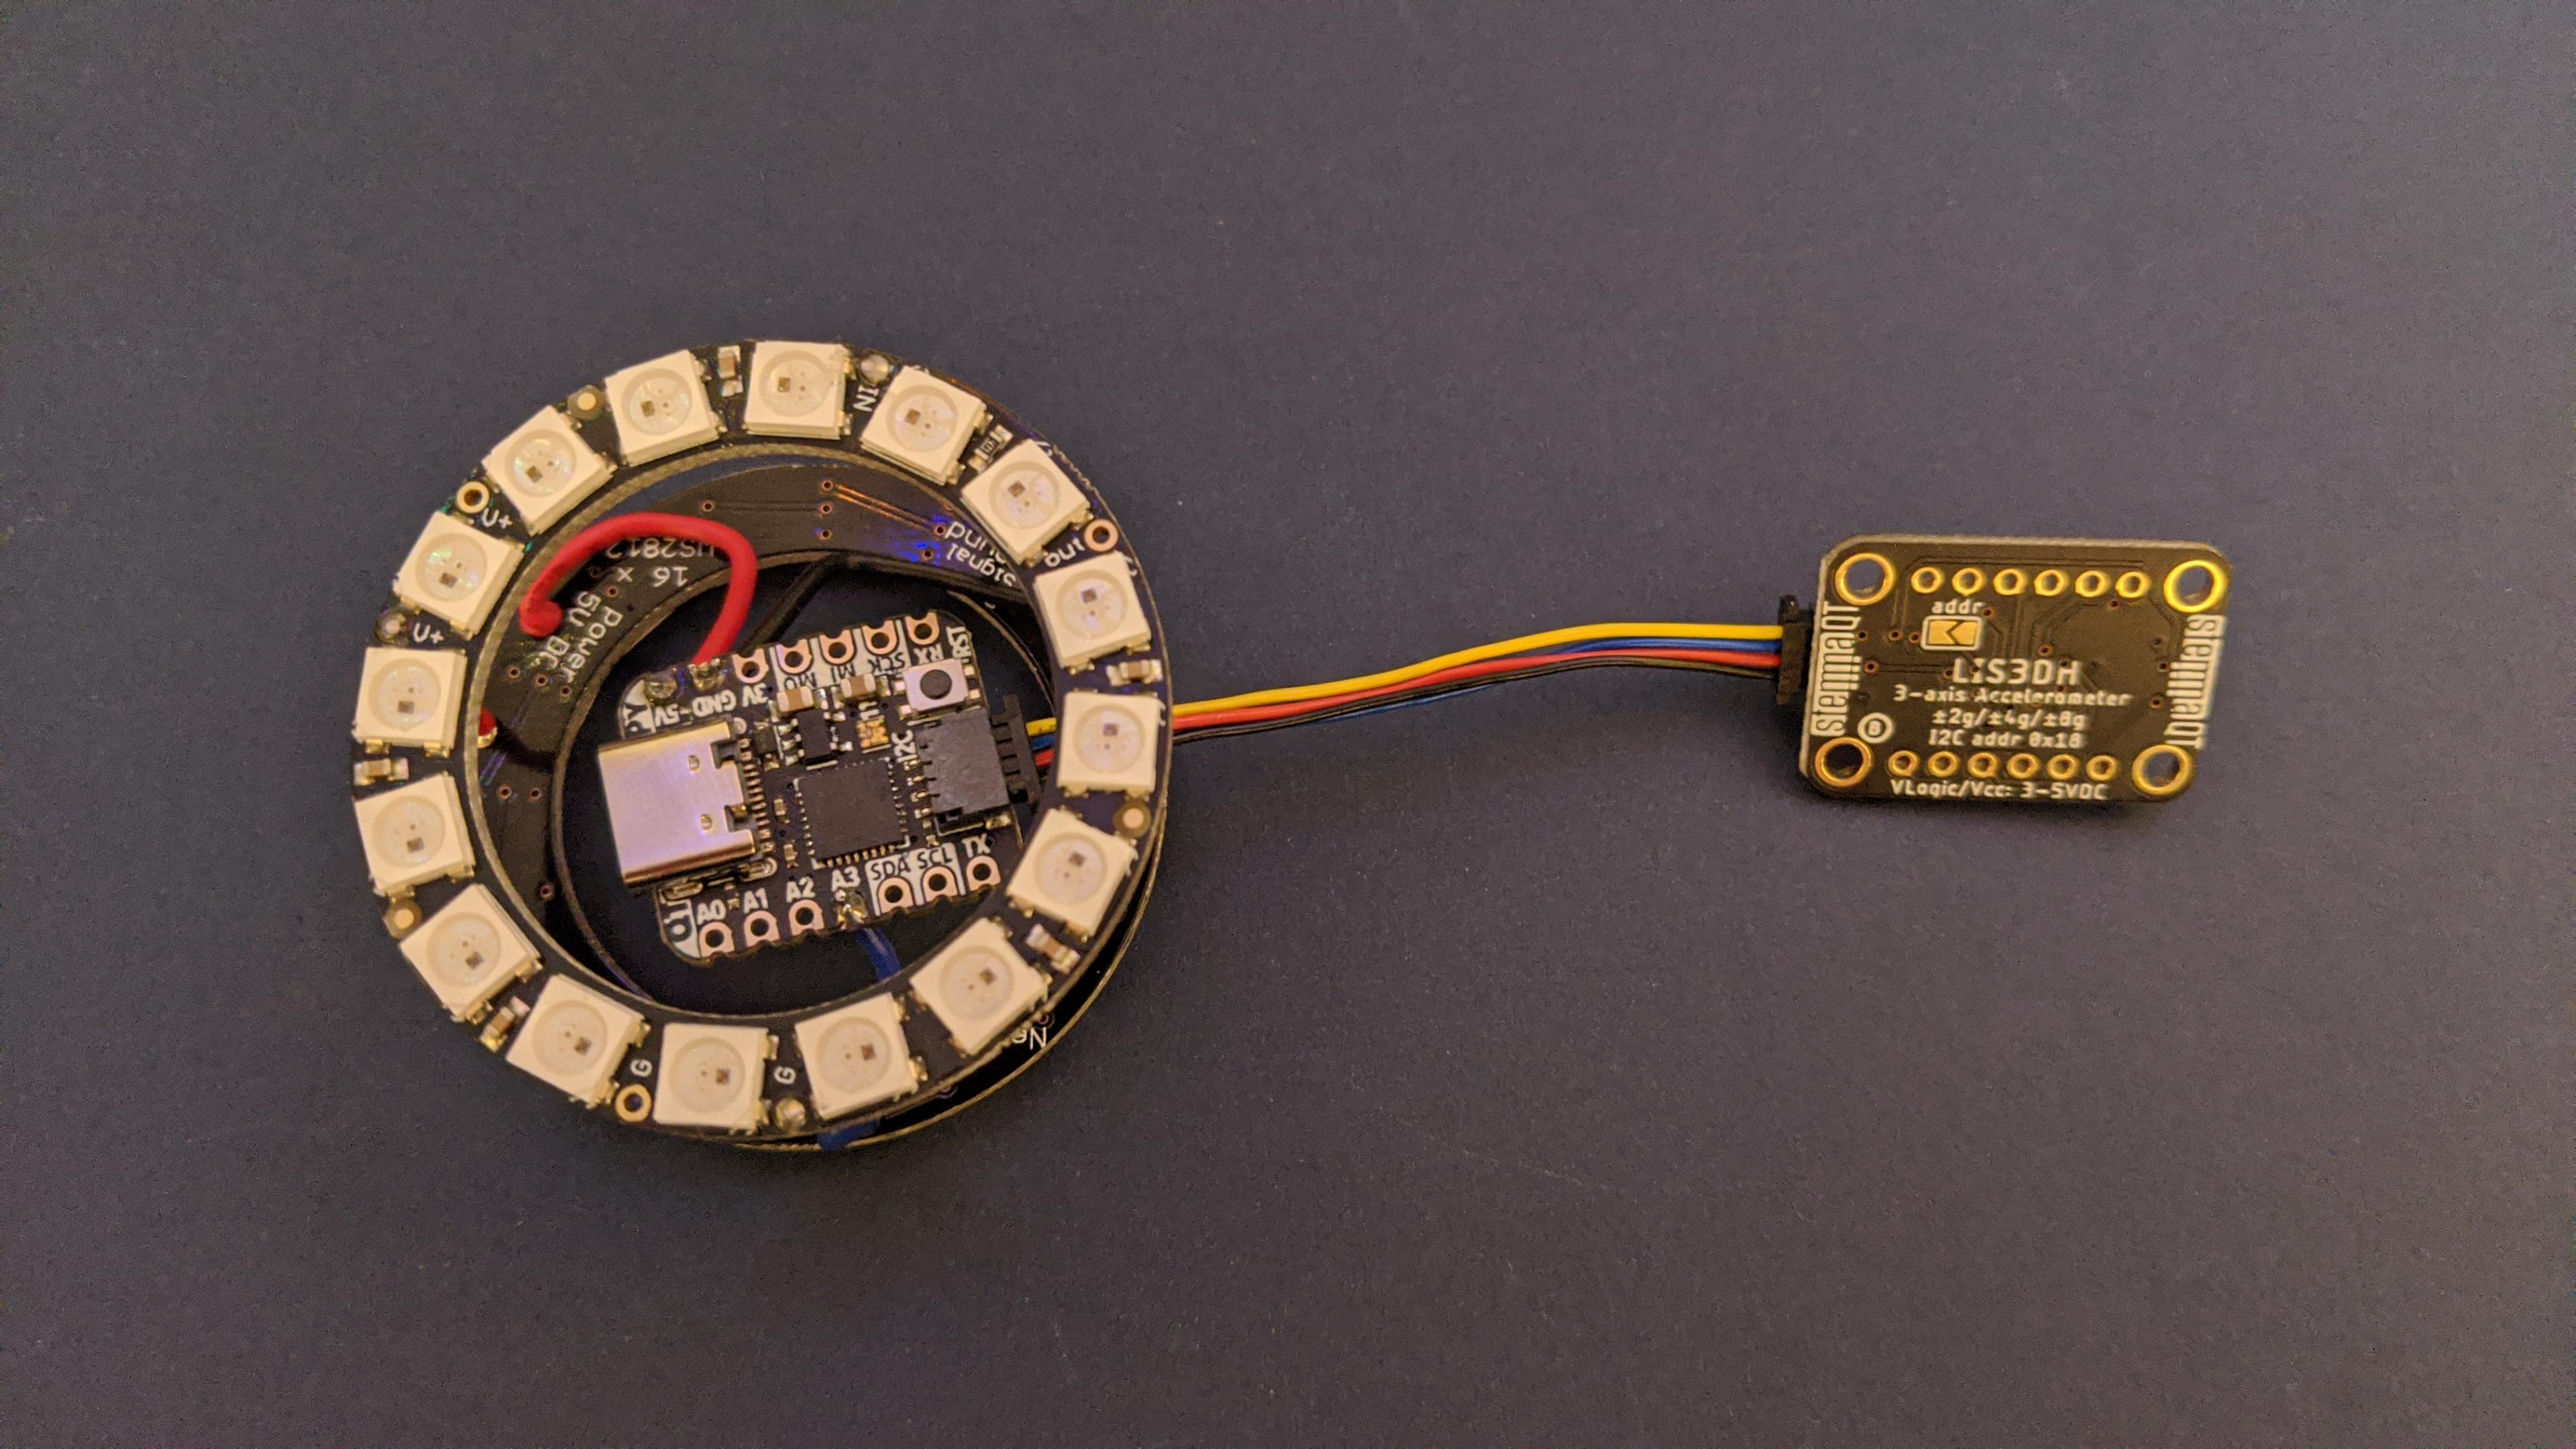 leds_QT_Py_Timer_attach_LIS3DH_STEMMA_cable.jpg